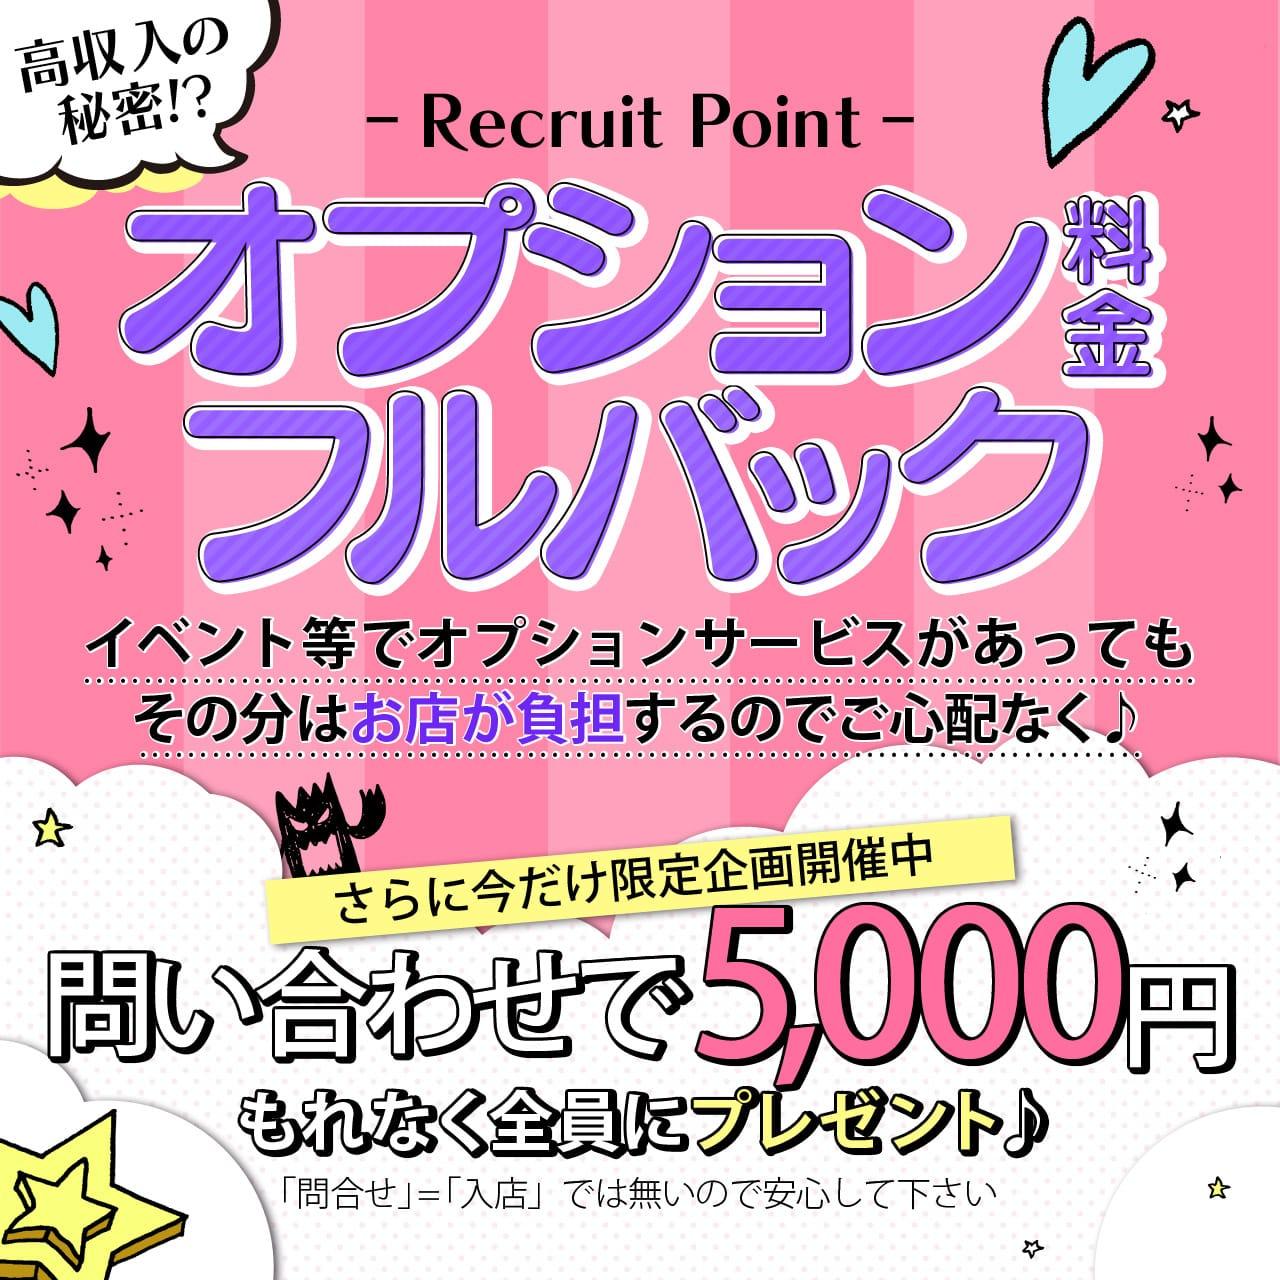 体験入店時100%バック!! 新潟デリヘル倶楽部の求人ブログ